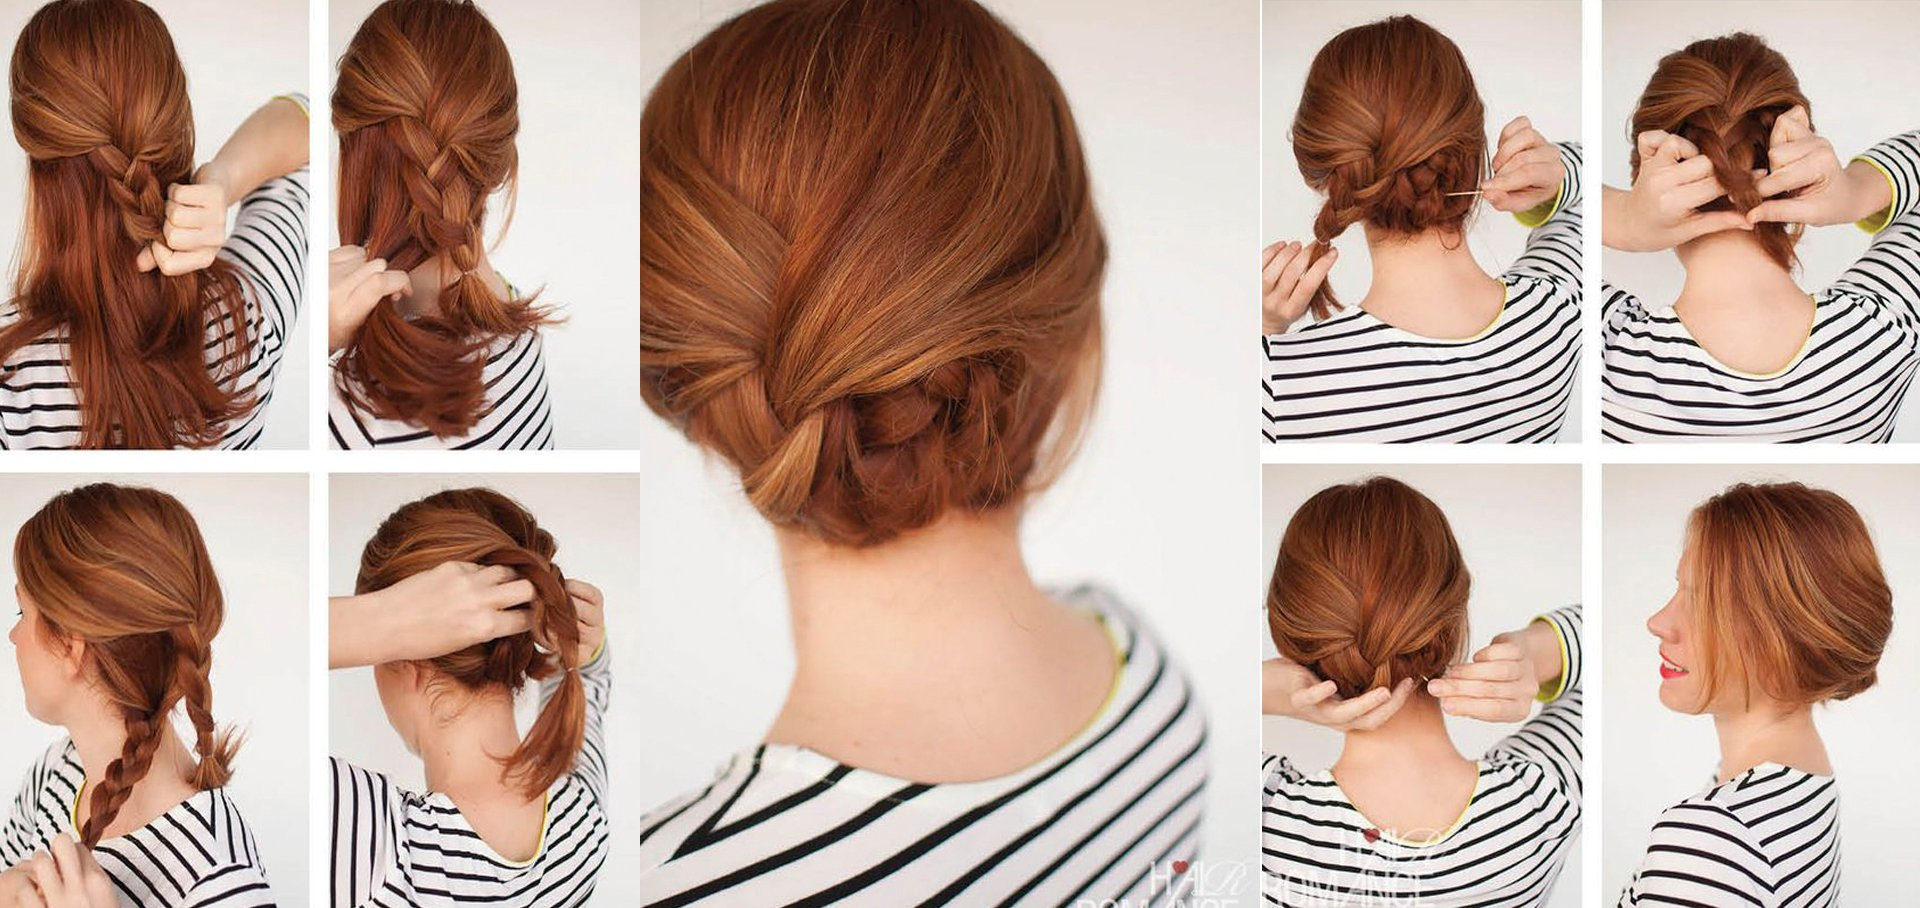 15 tutoriales de peinados f ciles que te encantar n - Tutorial de peinados ...